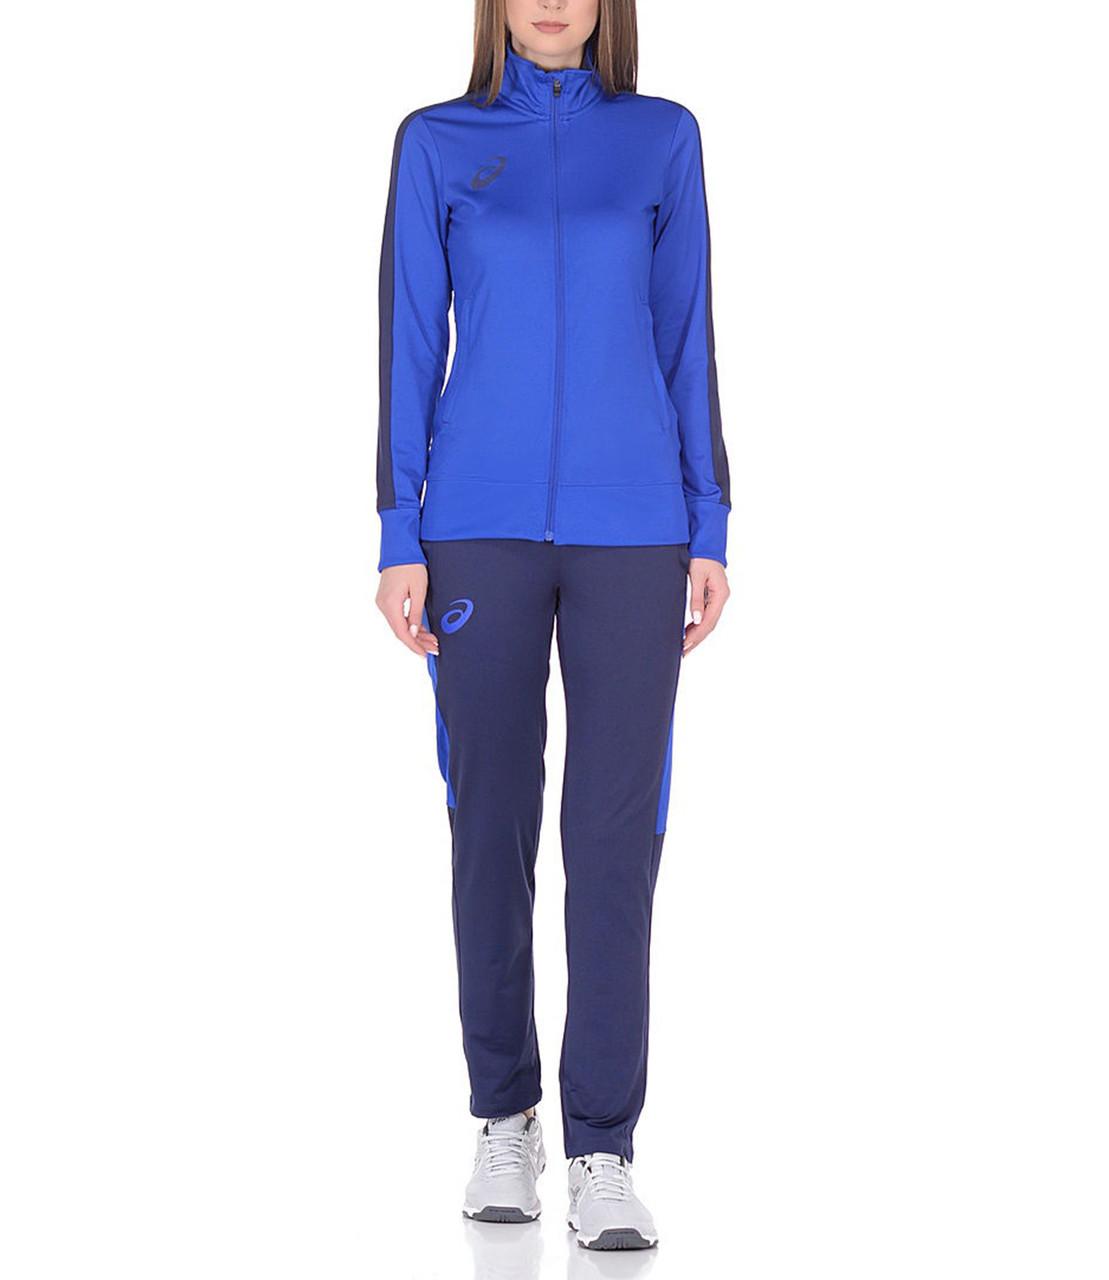 Спортивный костюм Asics Poly Suit (Women) 156865 0805